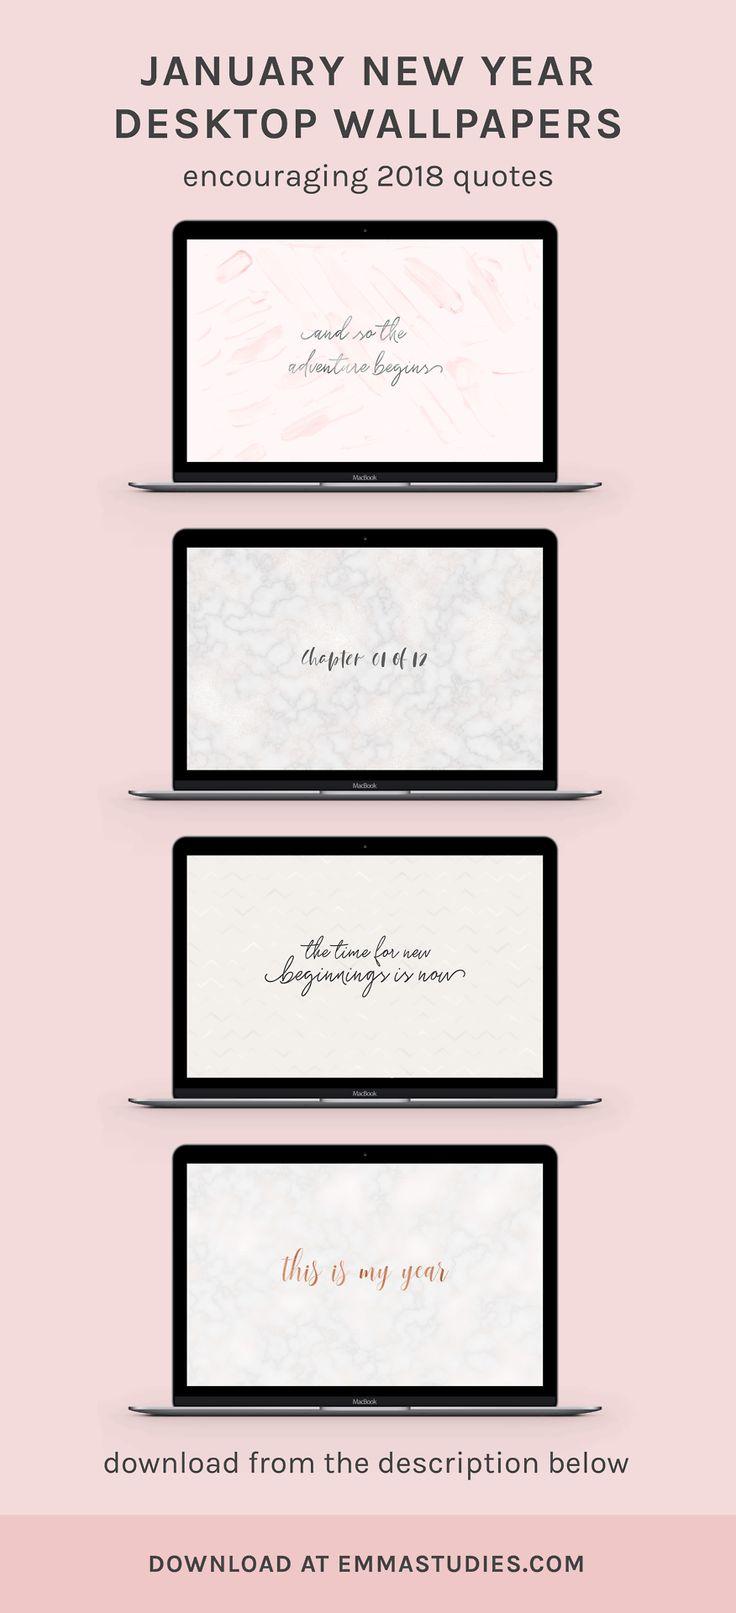 2018 motivational new year backgrounds desktop wallpaper